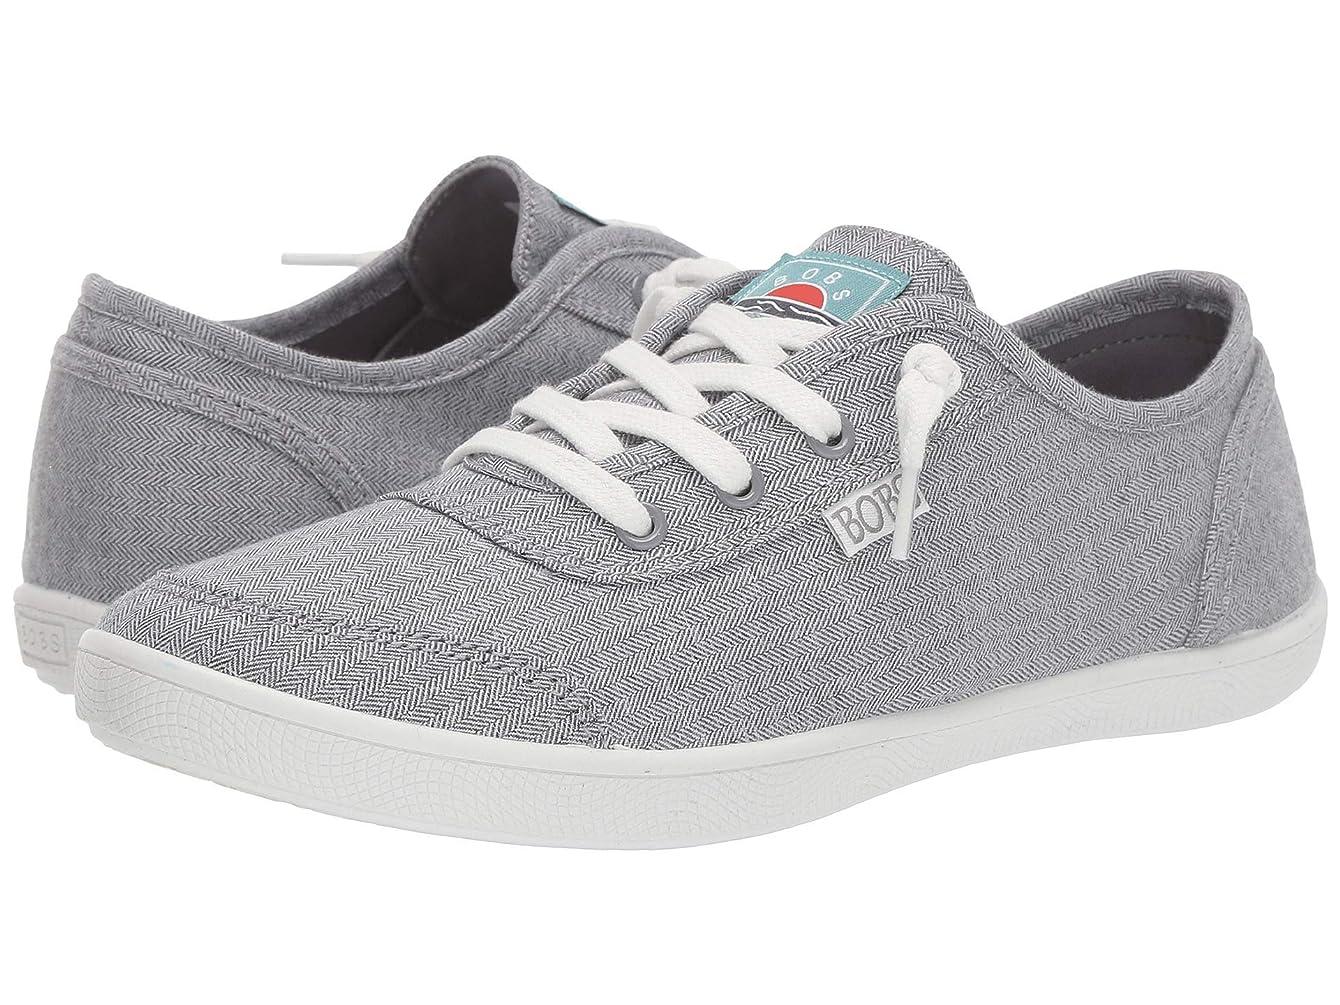 輝く霧ごちそうレディーススニーカー?ウォーキングシューズ?靴 Bobs B Cute - Chillville Gray/White 8 (25cm) B [並行輸入品]